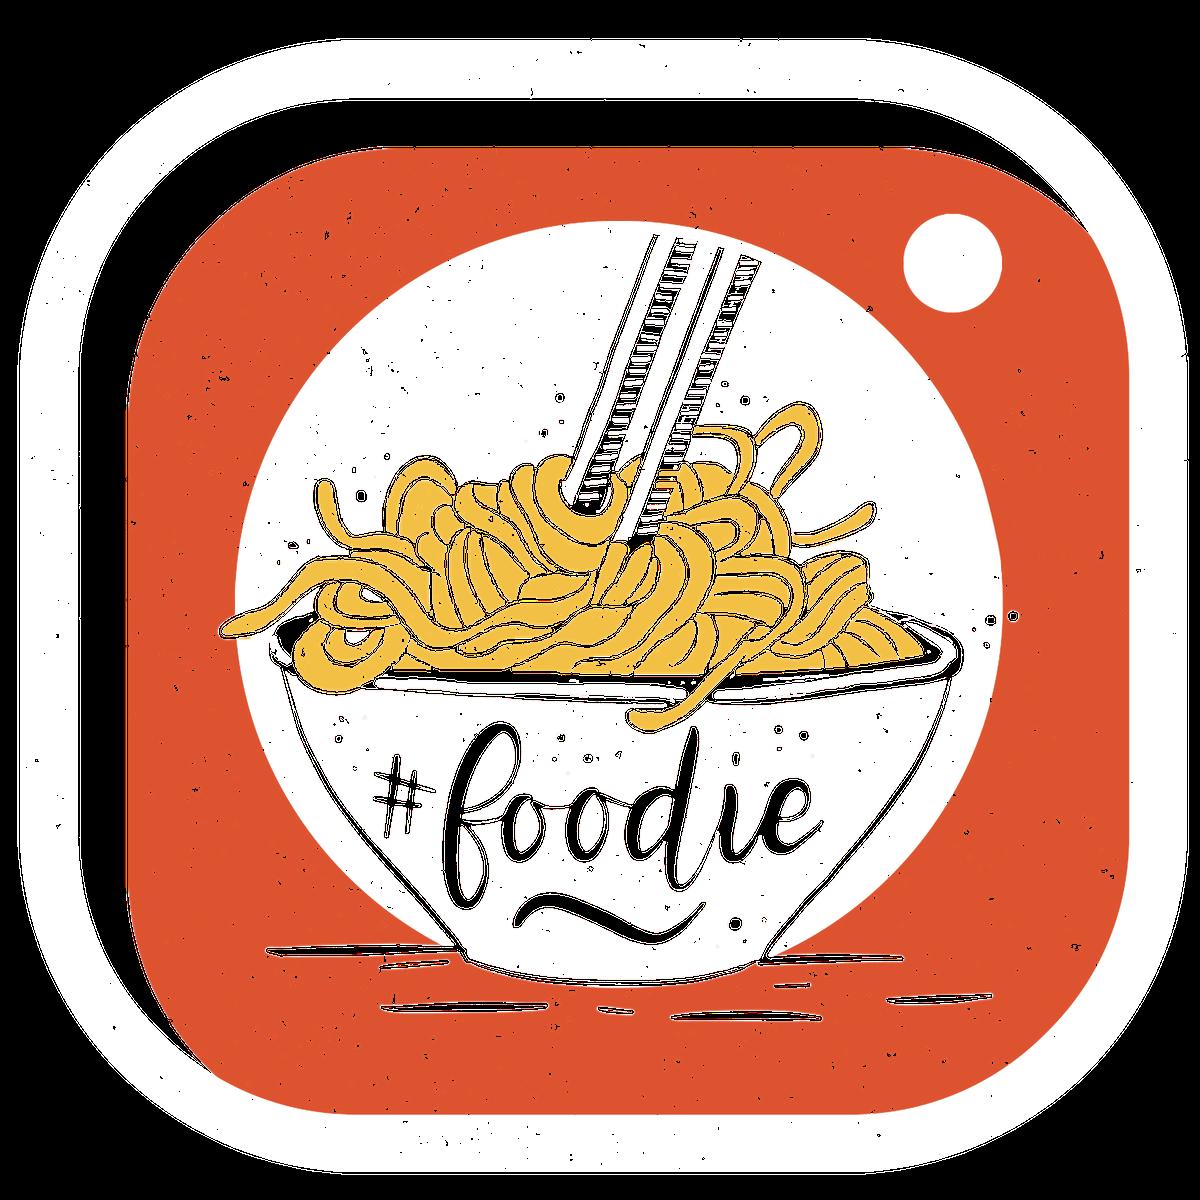 Digital Nomad Foodie